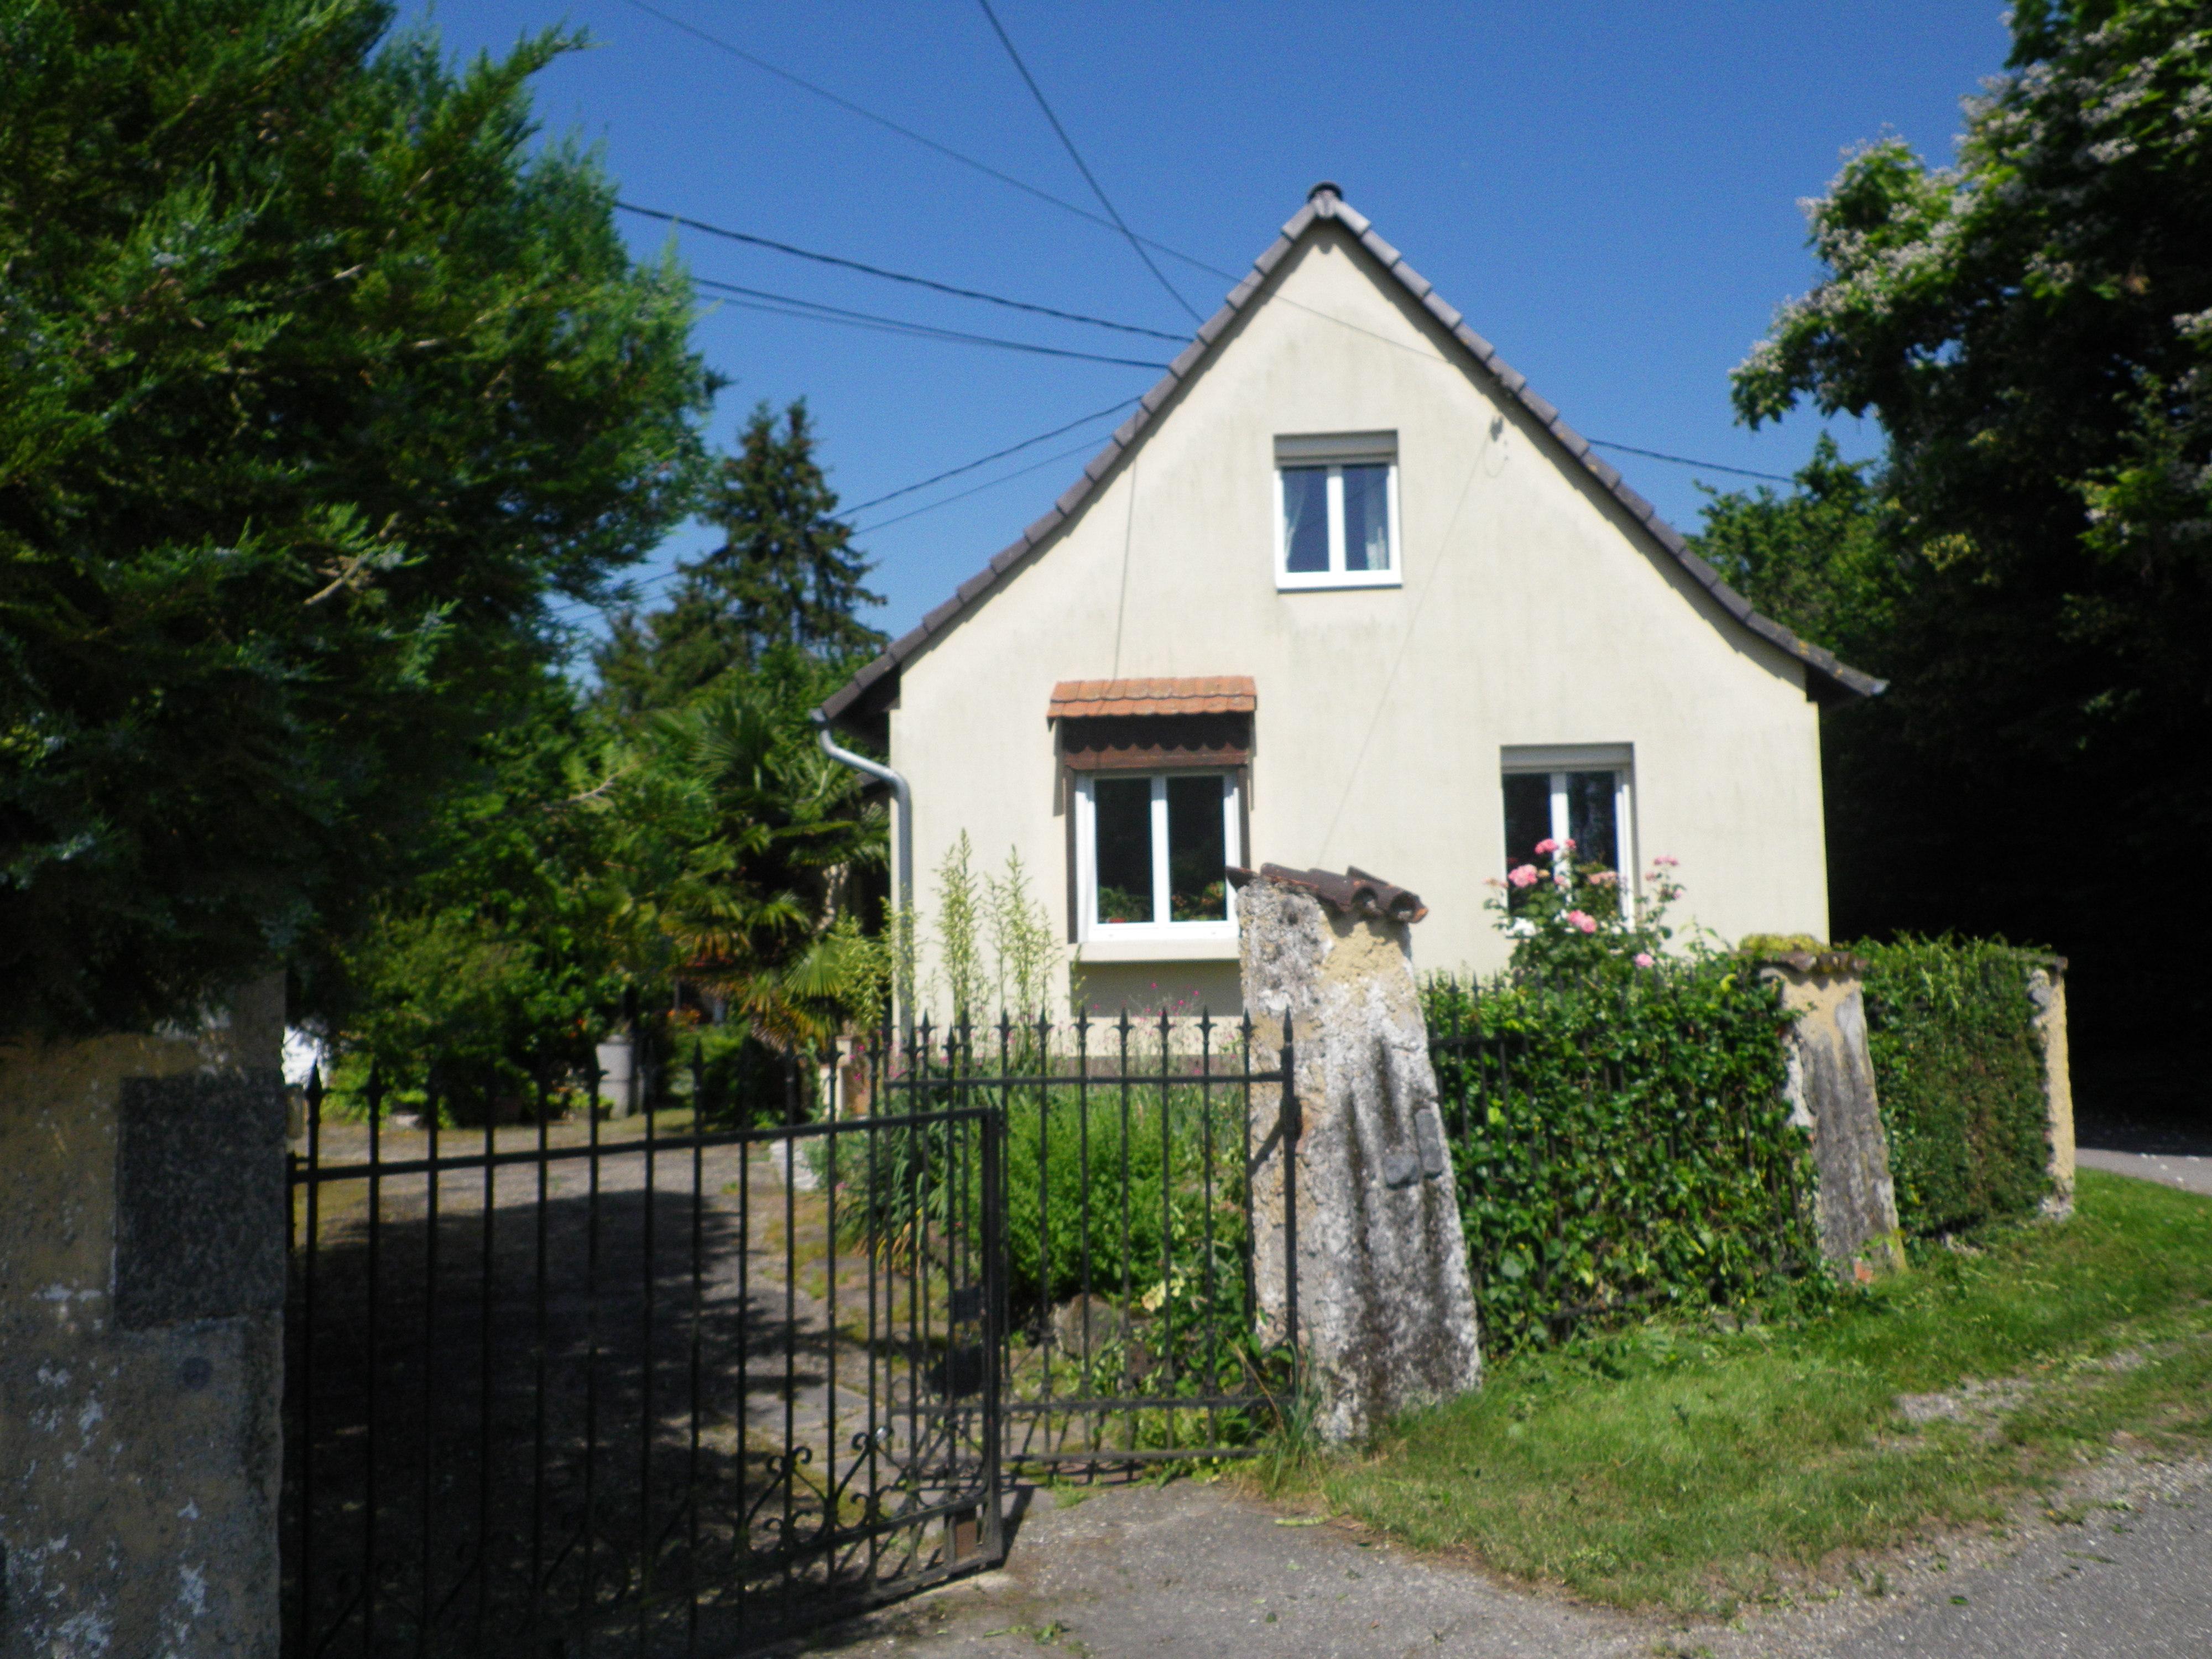 Immobilière du Waldhof – Achat et location dans le Bas-Rhin ...